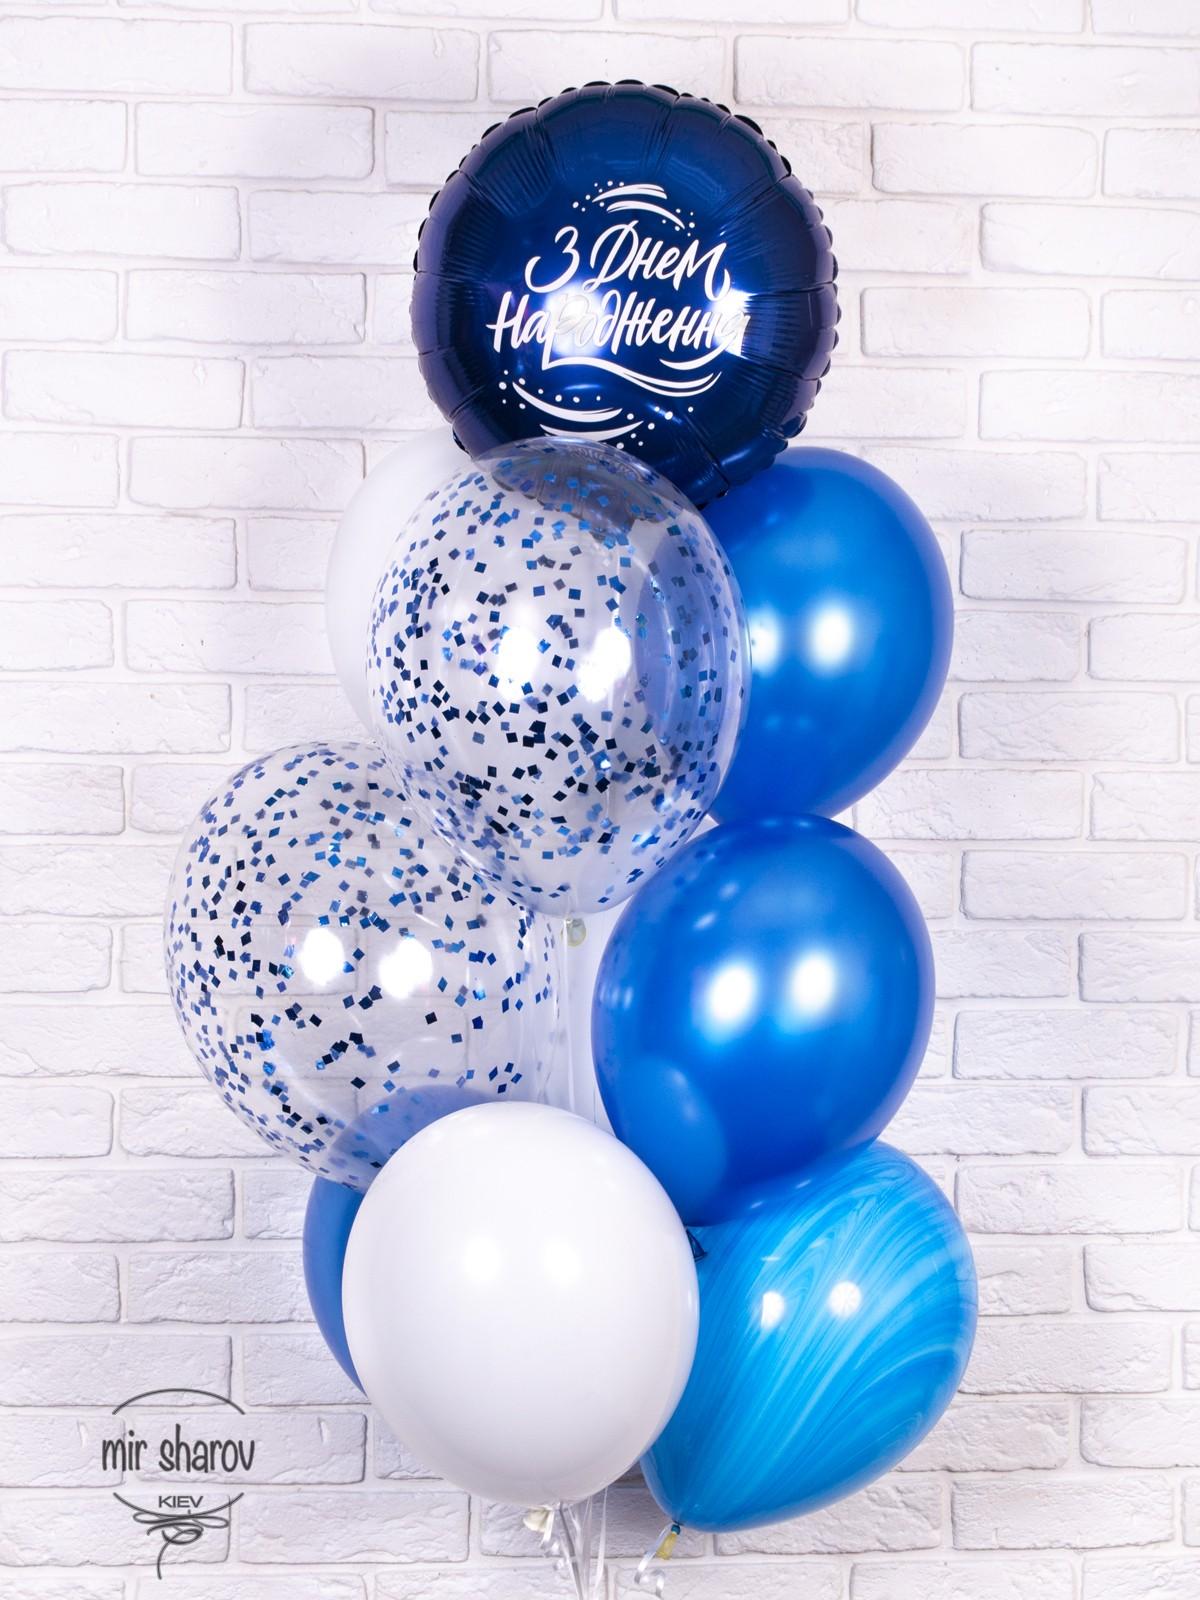 Воздушные шары для корпоративных мероприятий